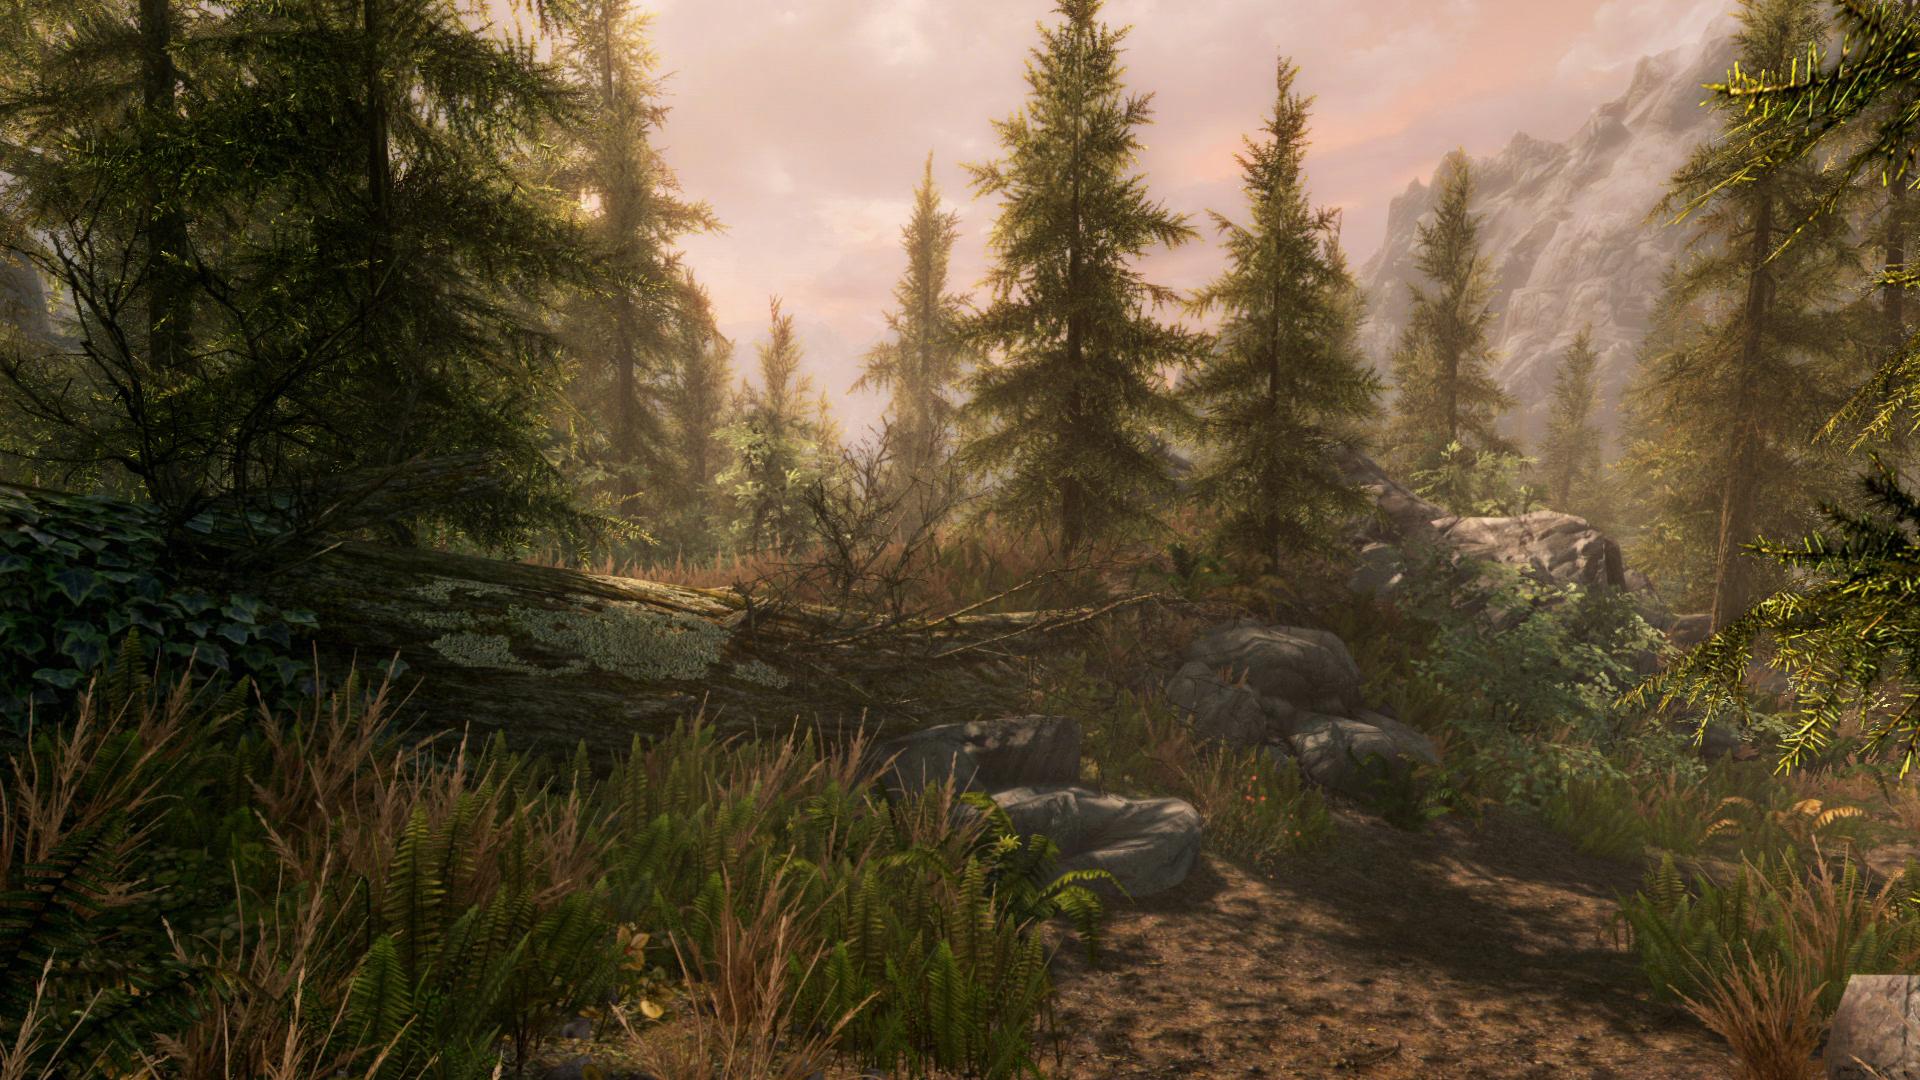 The Elder Scrolls V: Skyrim - Special Edition [v 1.2.39.0.8] (2016) PC | RePack от R.G. Механики - Скриншот 3